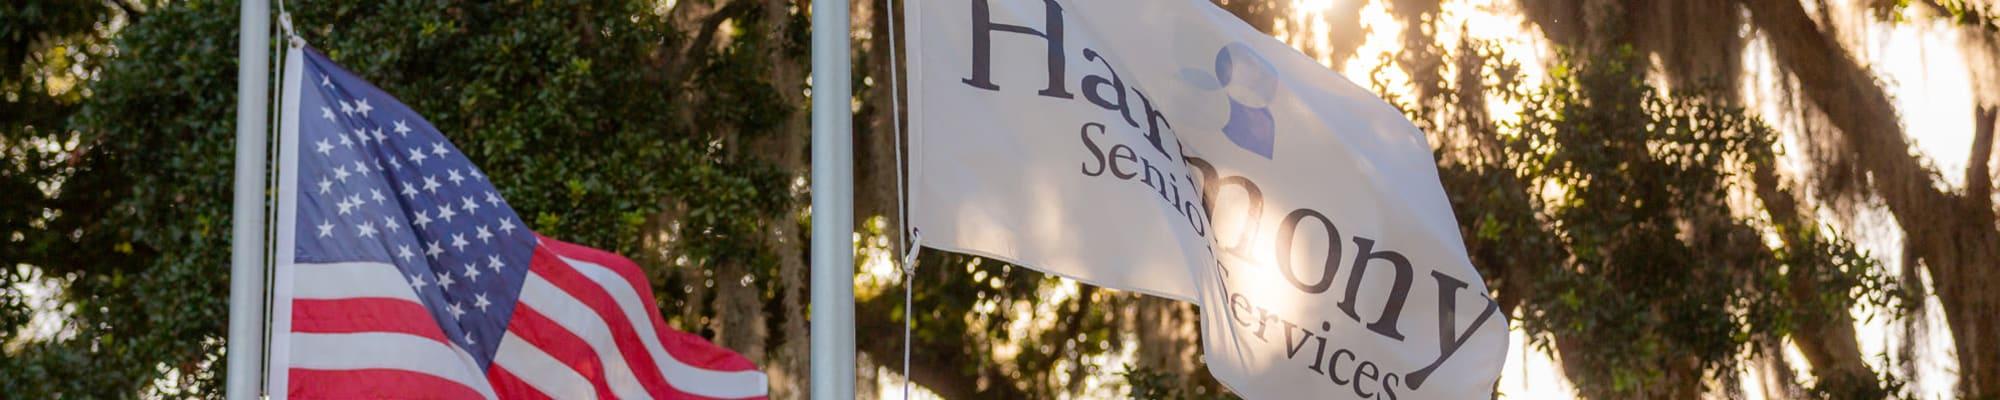 Contact Us at Harmony at Savannah in Savannah, Georgia